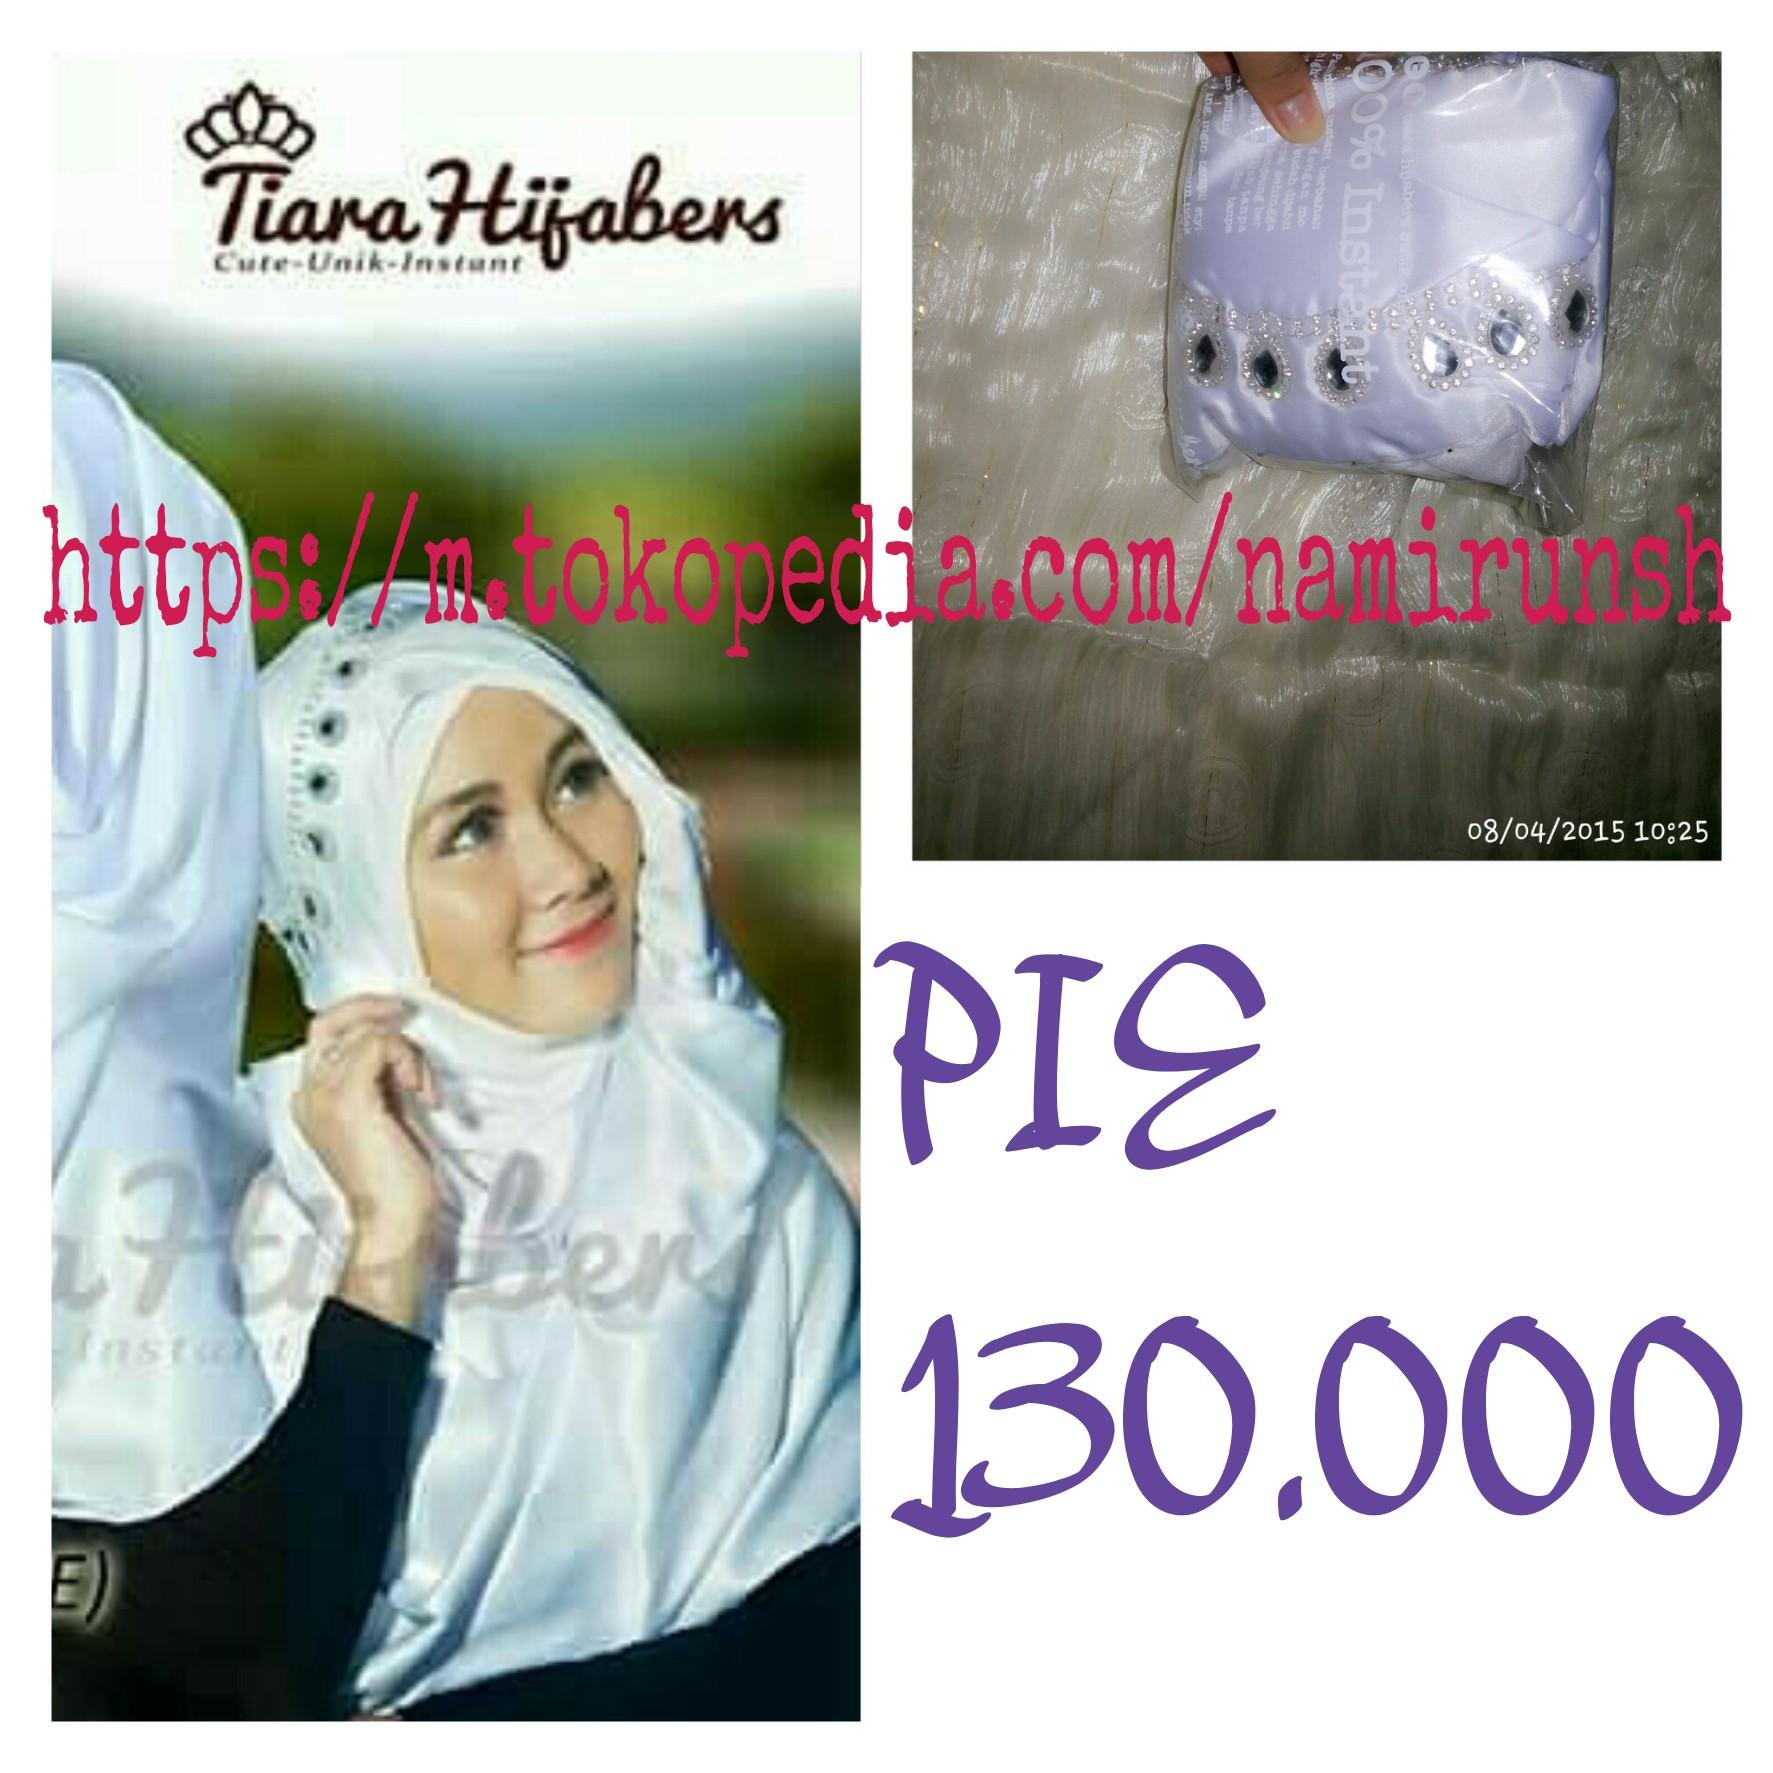 Jual Hijab Jilbab Kerudung Pashmina Instan Tiara Hijabers Pie Namirun Shoppaholic Tokopedia